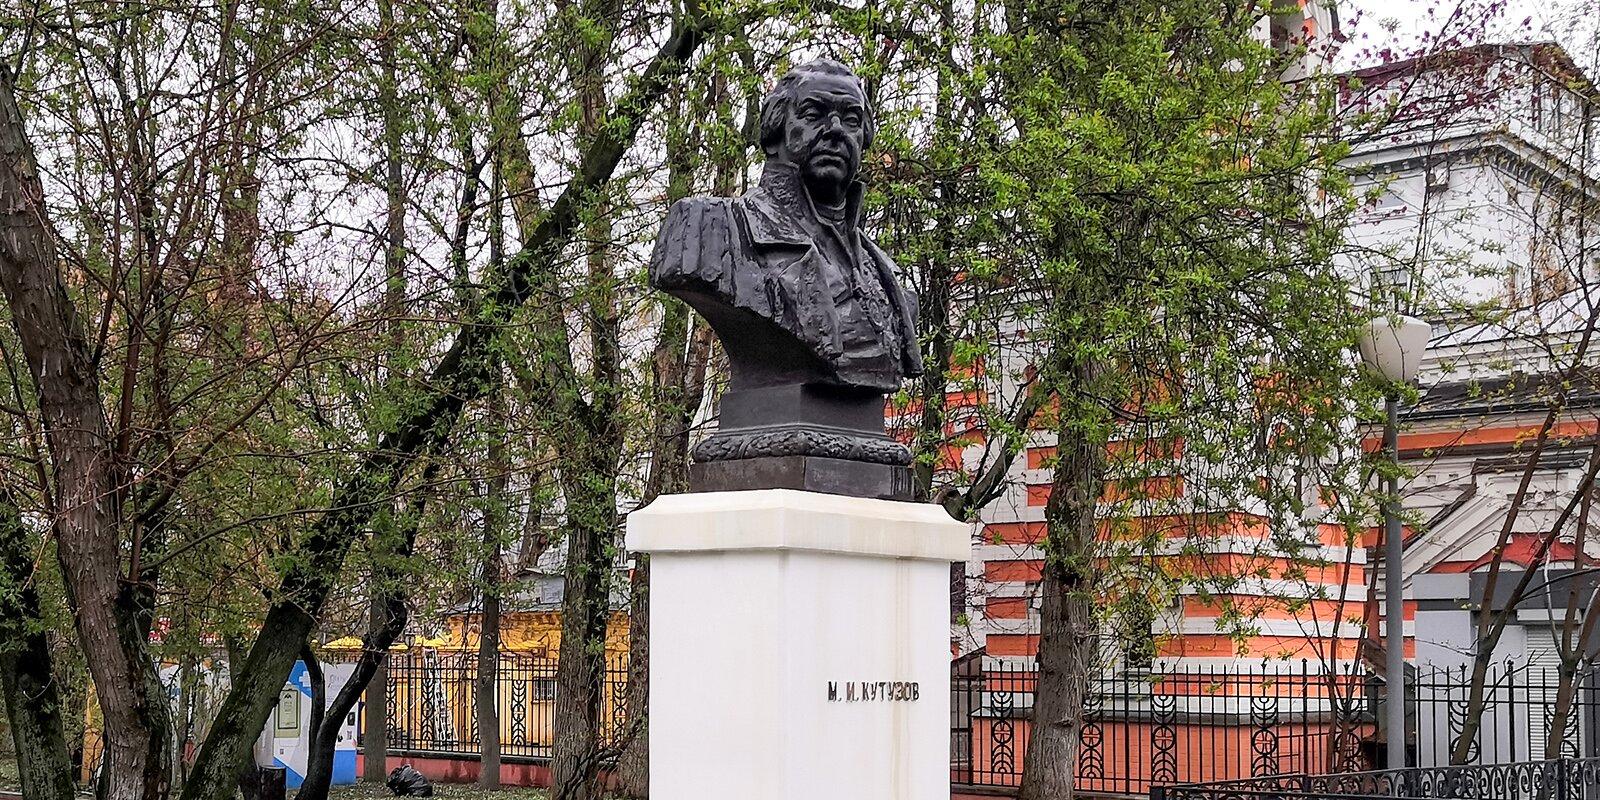 К 210-летию войны 1812 года в Москве отреставрируют бюст Михаила Кутузова